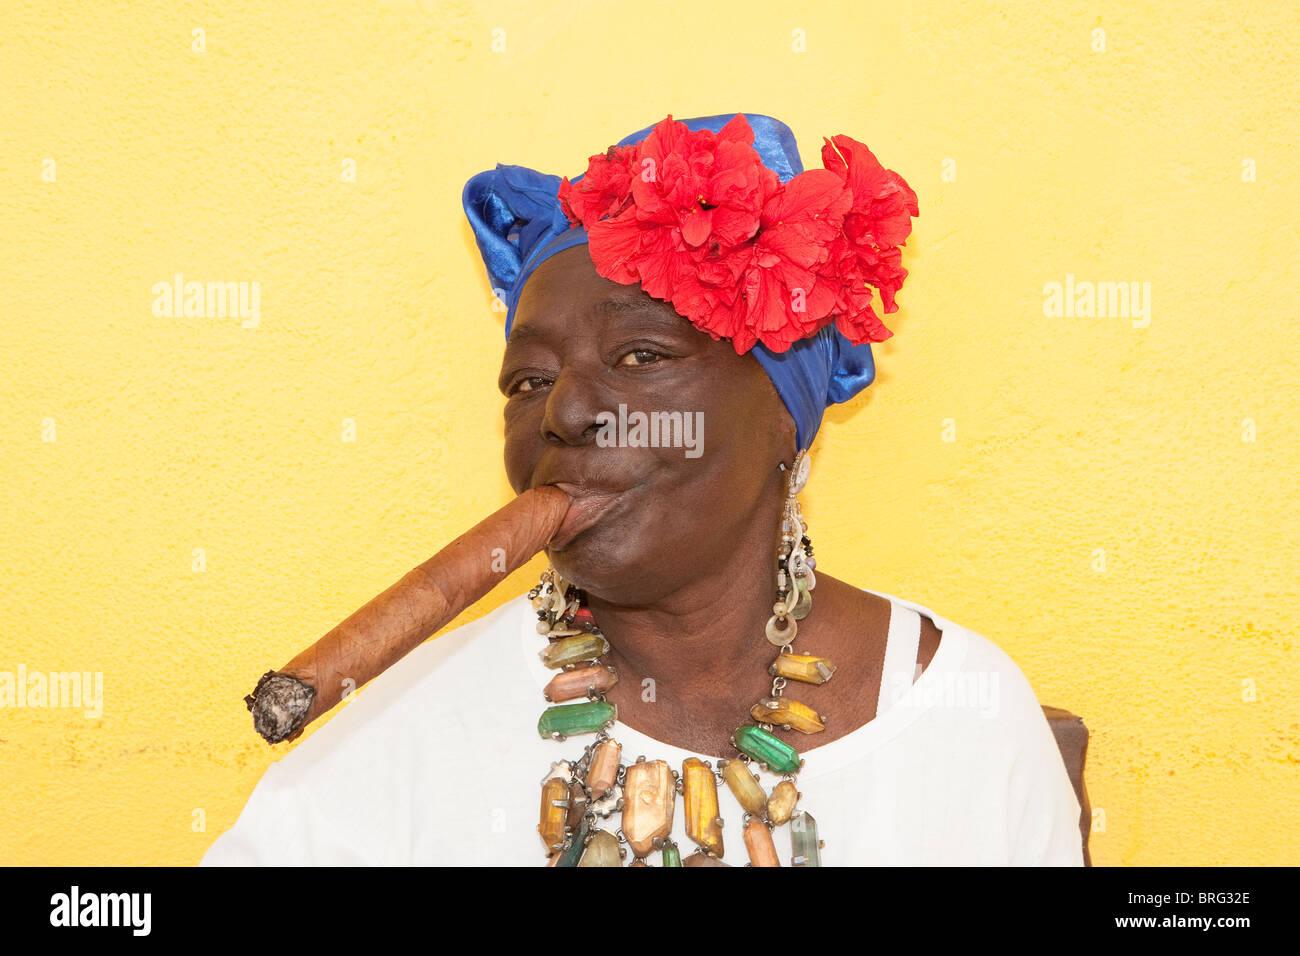 Cigar Stock Photos & Cigar Stock Images - Alamy